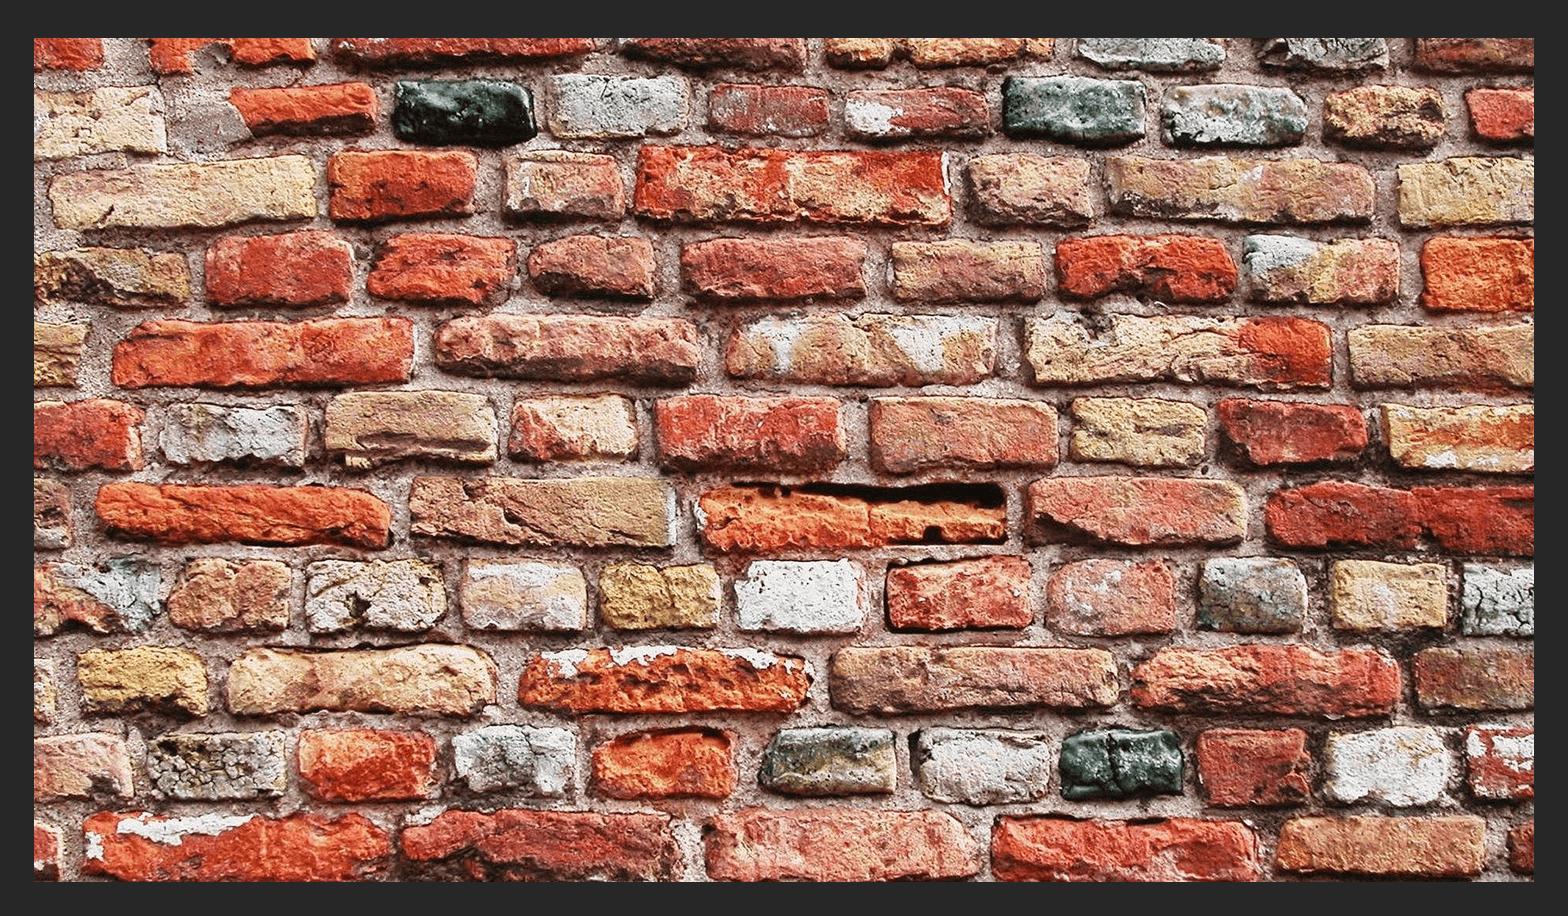 кирпичная стена в фотошопе